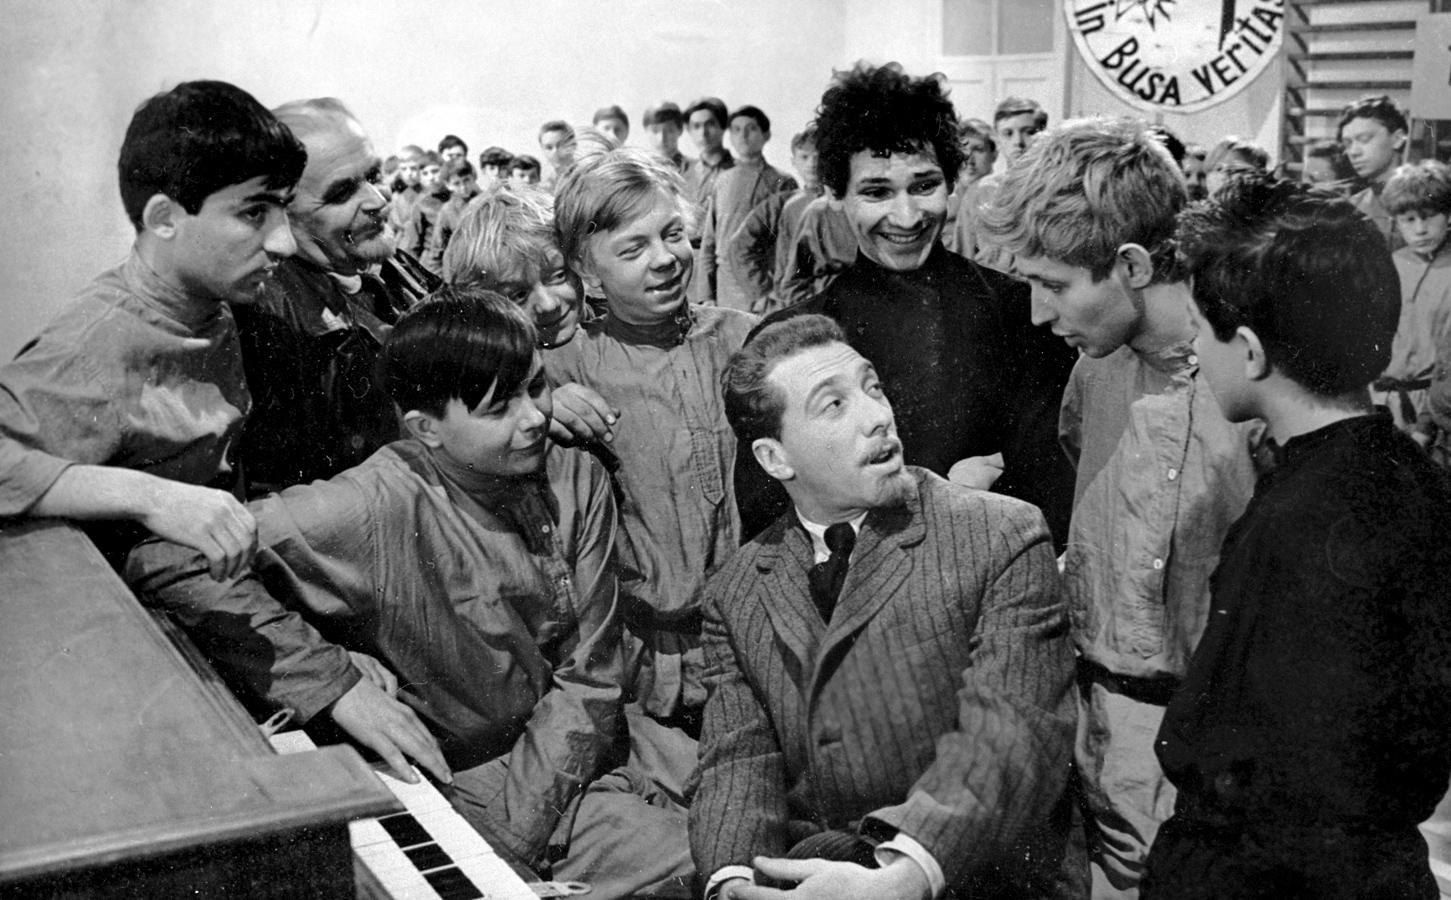 Wie Waisenkinder in der UdSSR umerzogen wurden, erzählte ein Kult-Buch und später seine Verfilmung.